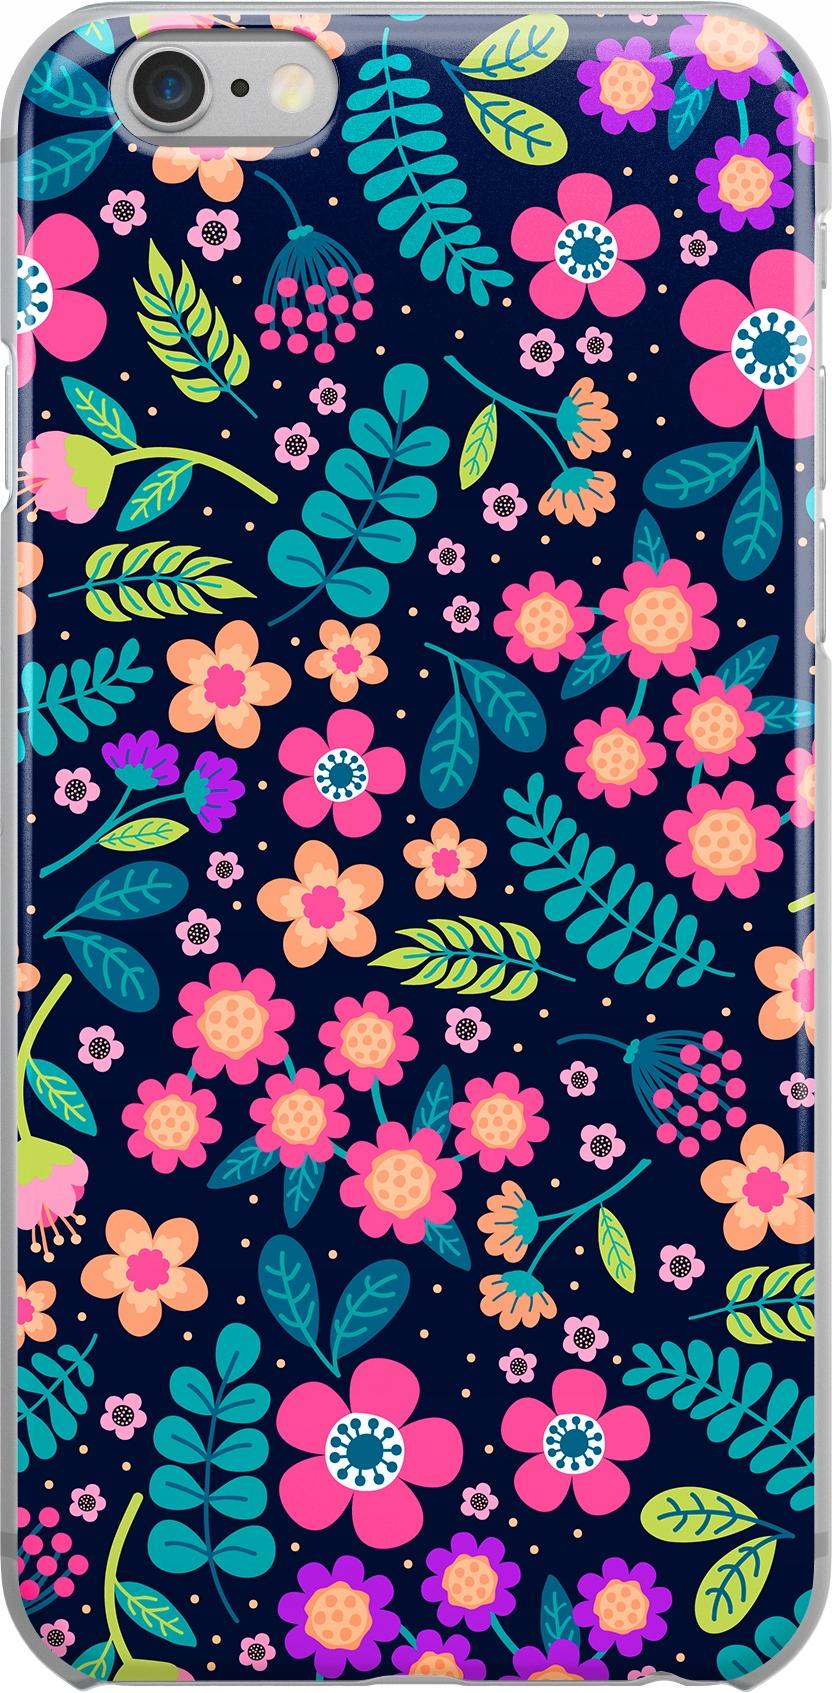 Etui Wzory Kwiaty Lenovo A3600